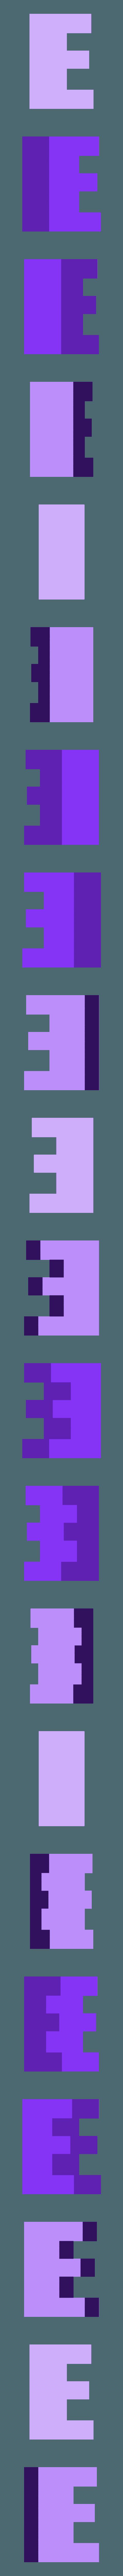 E.STL Download free STL file PhonePad • 3D printable model, doppiozero